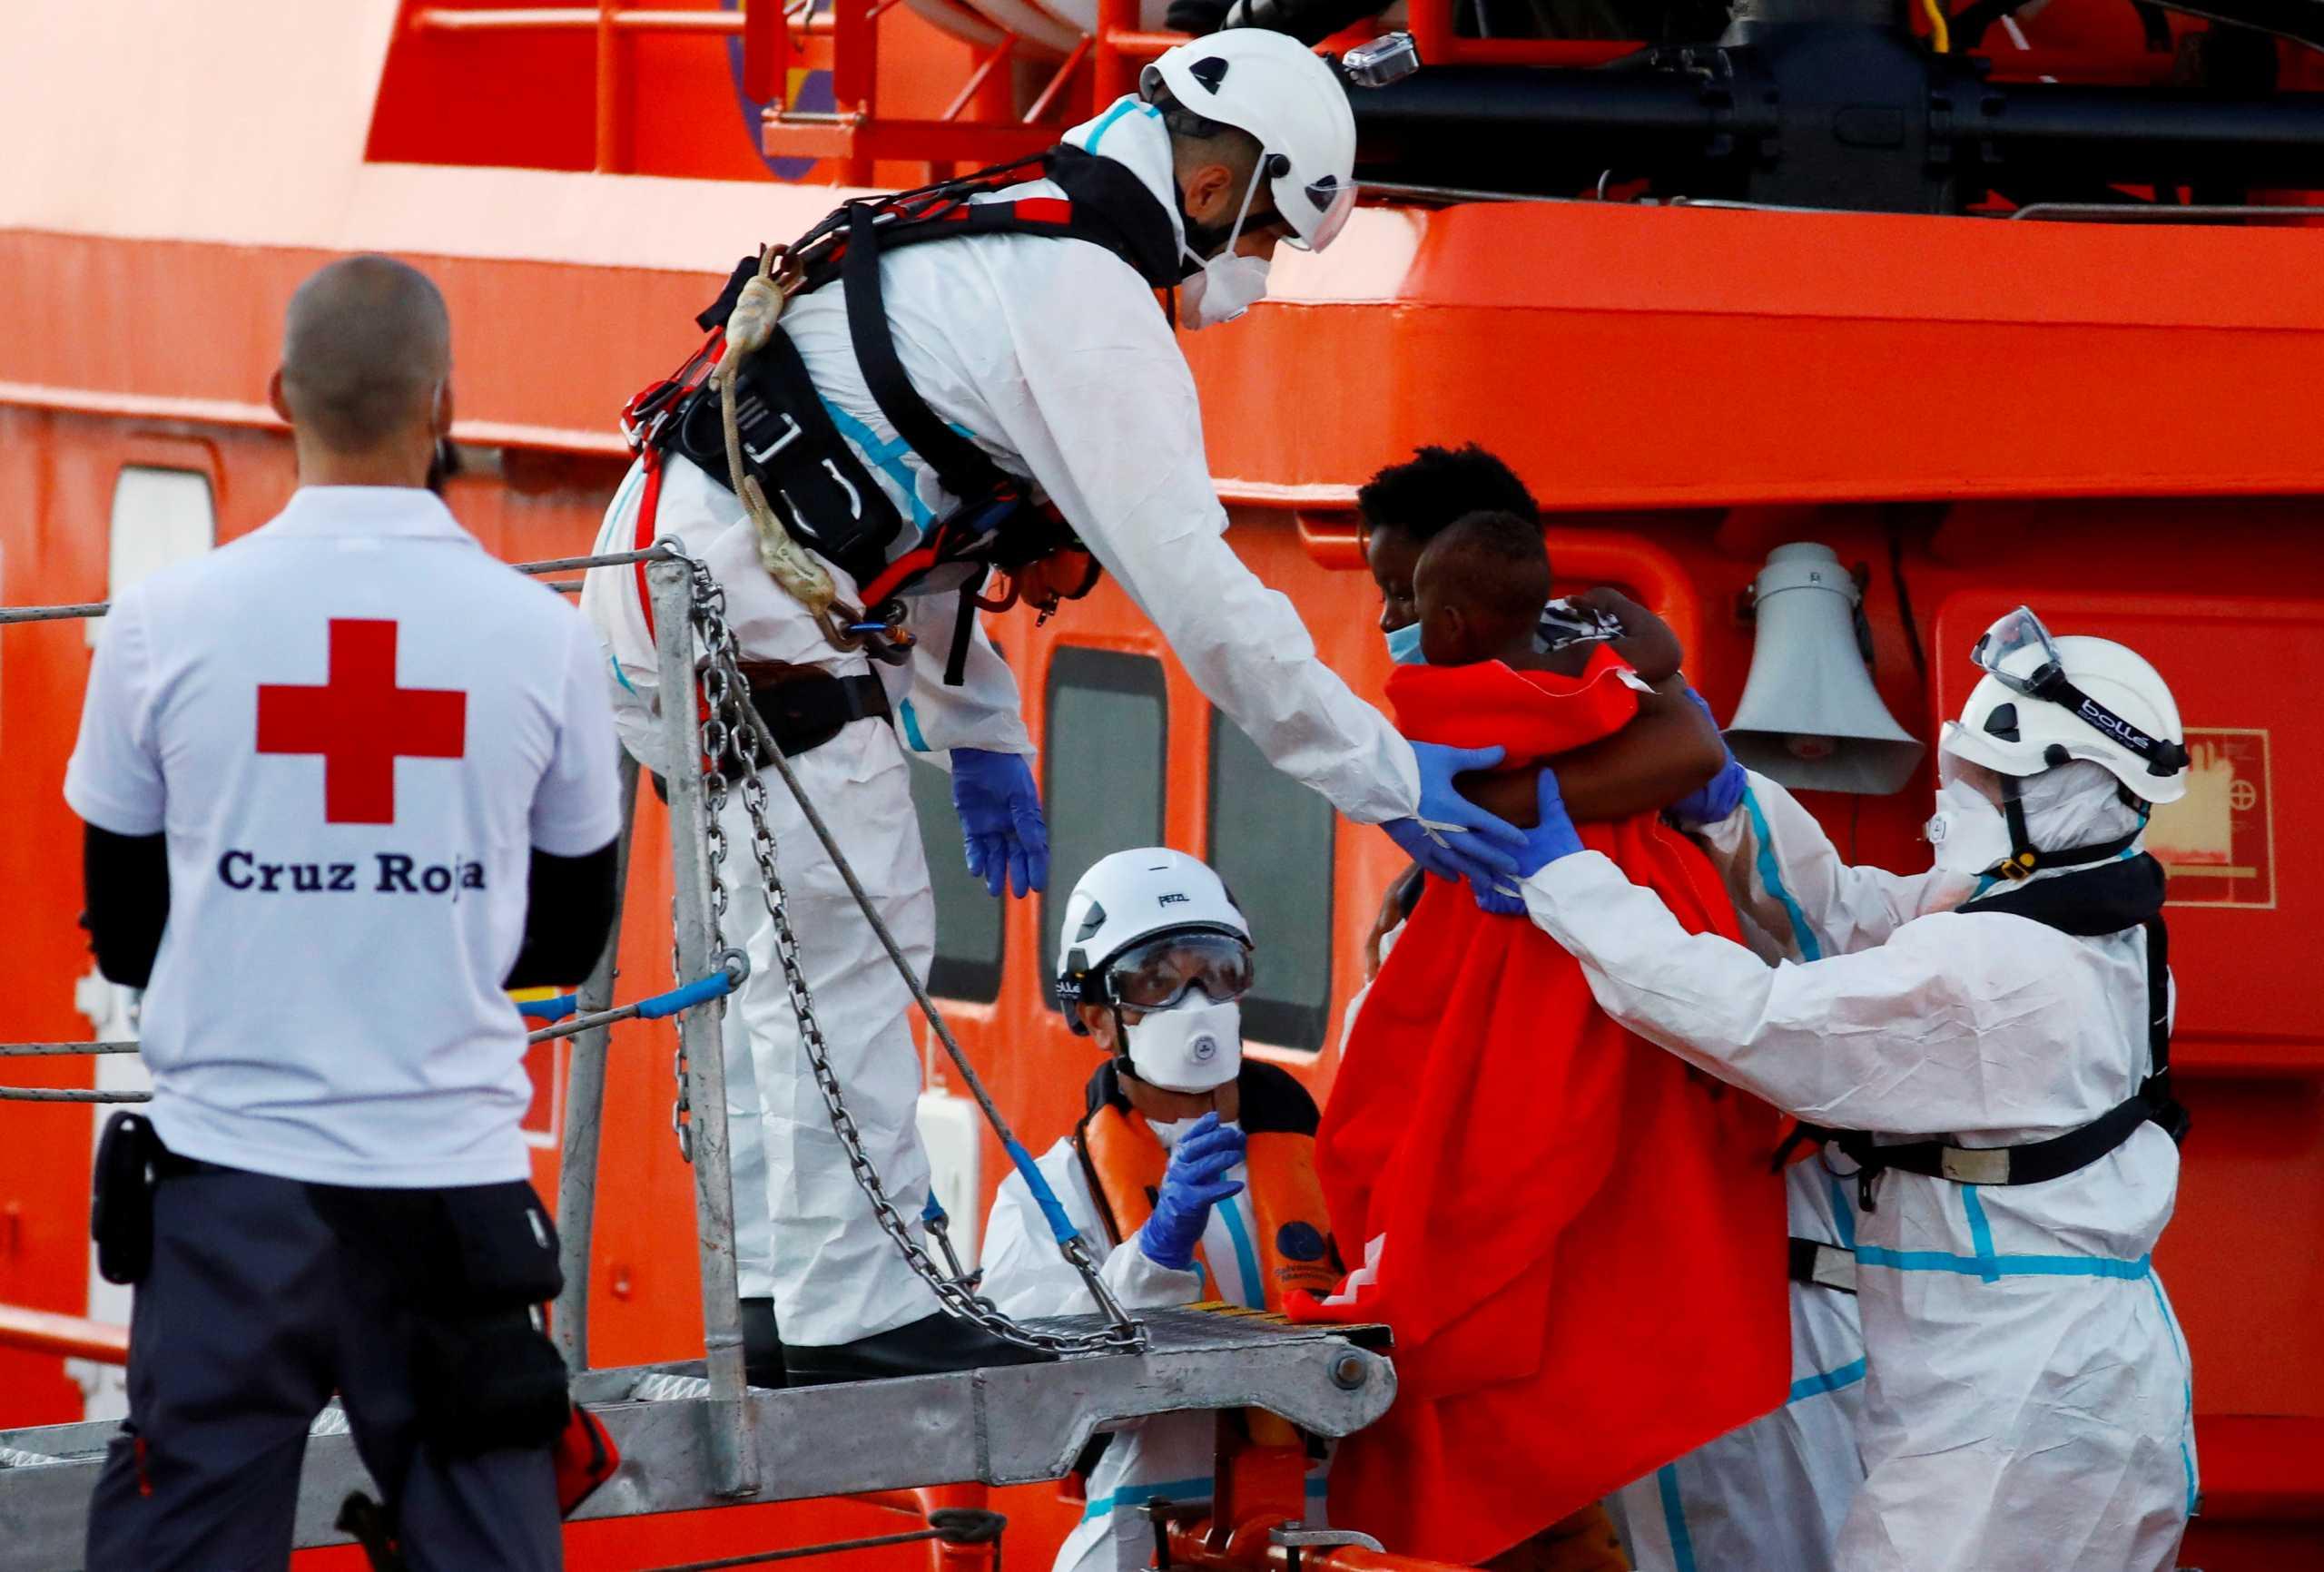 Ισπανία: Ξεψύχησε ένα 2χρονο κοριτσάκι μεταναστών που είχε διασωθεί στη θάλασσα